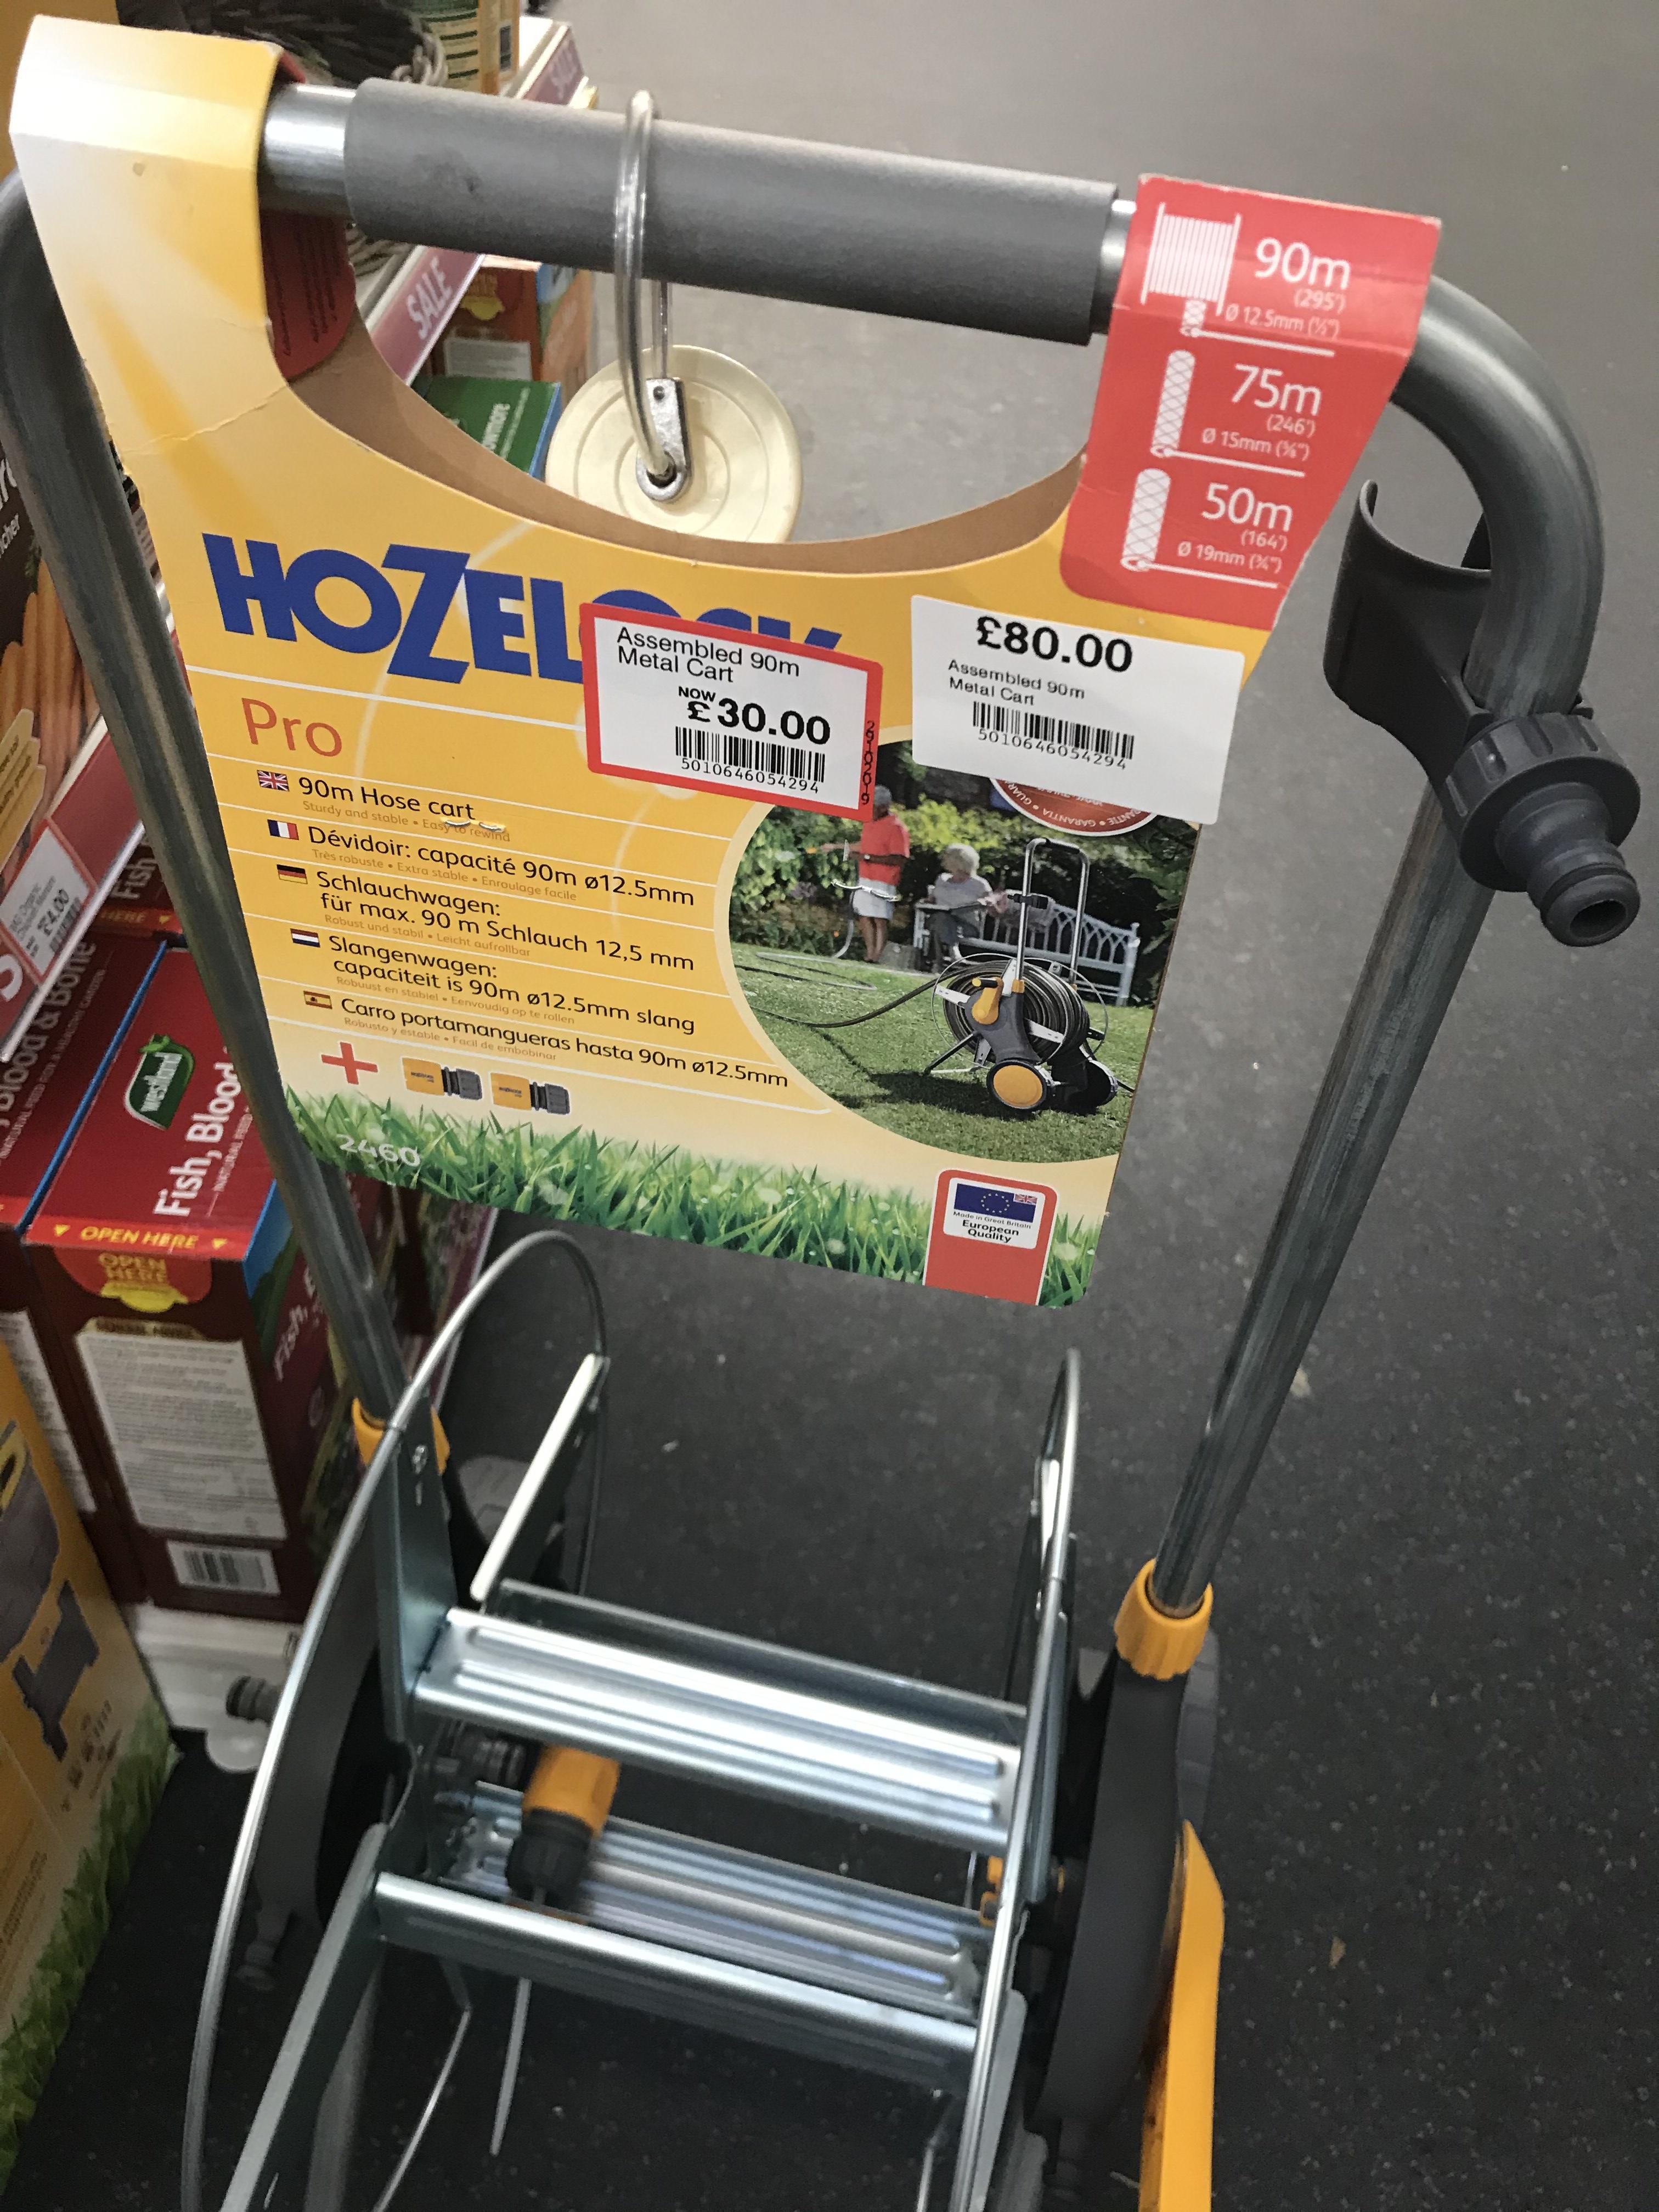 Hozelock 90m assembled metal hose cart £30 at Dobbies Garden Centre Telford